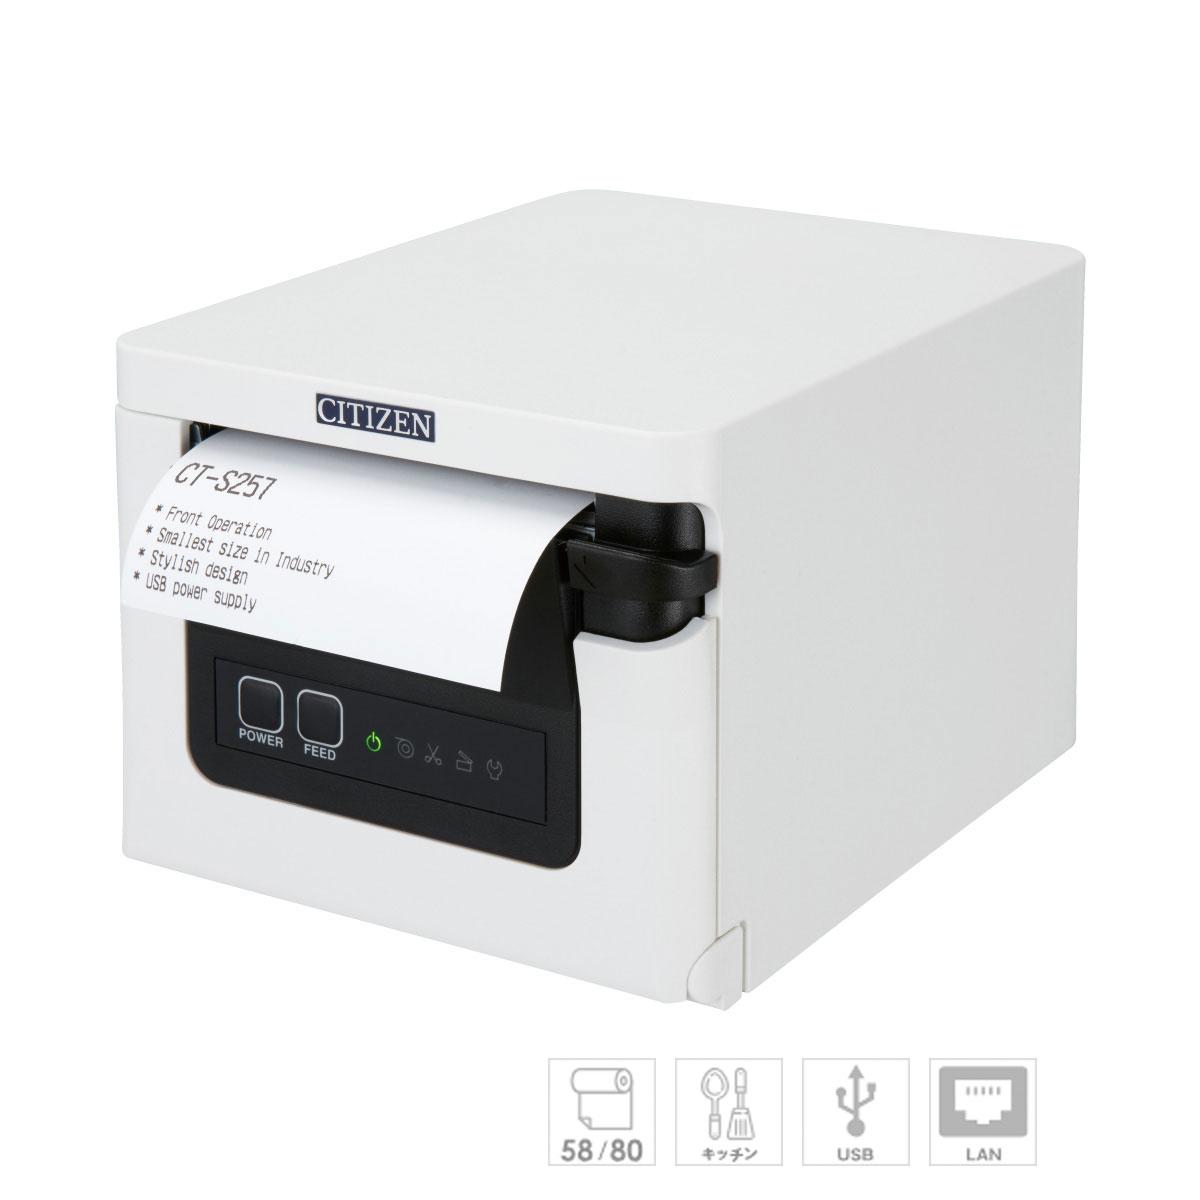 シチズンCT-S257ETJ-WH サーマルプリンタ 有線LAN(イーサネット)+USBクールホワイト 80・58mm幅対応 電源同梱【代引手数料無料】♪